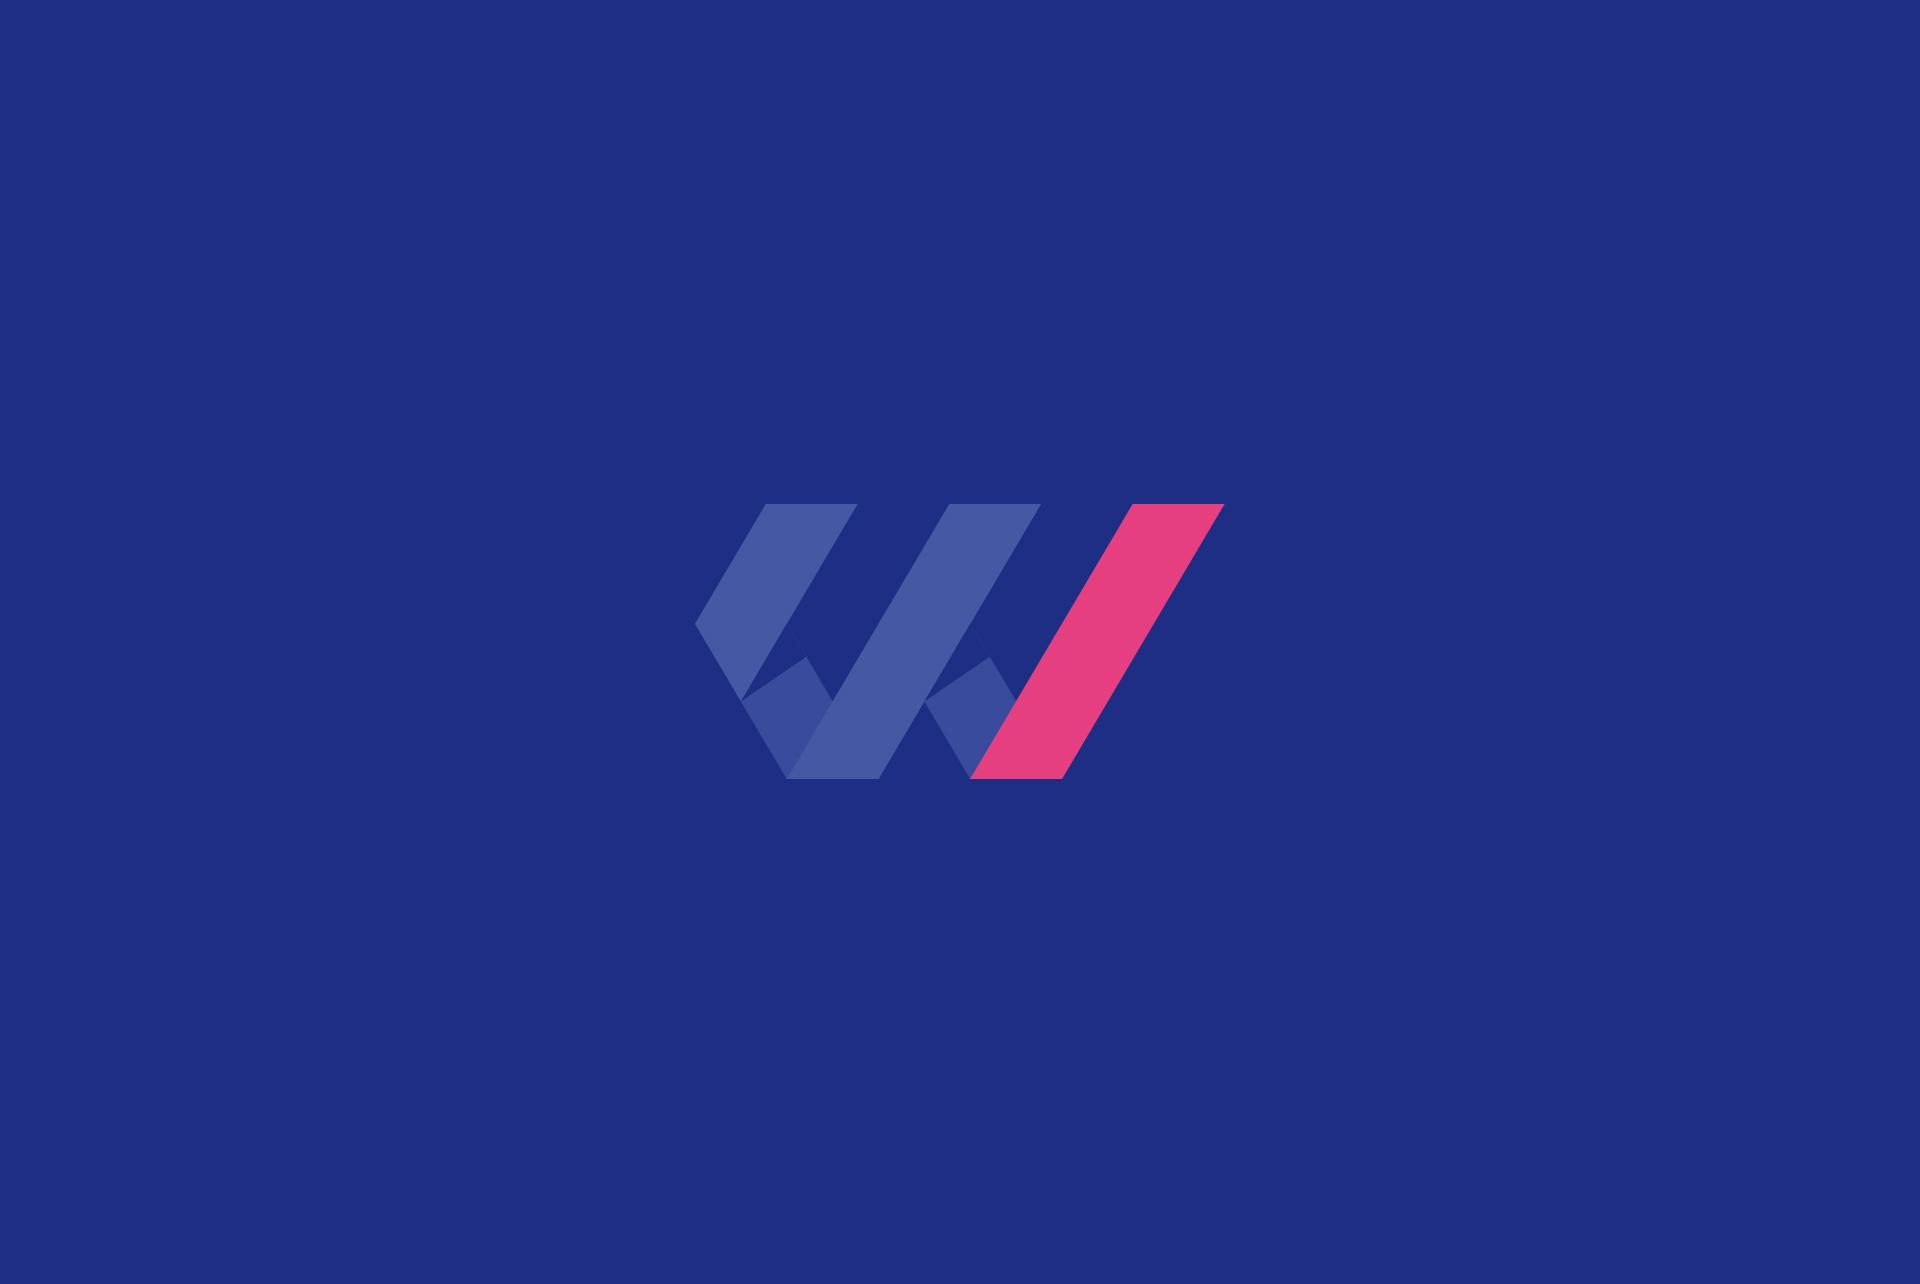 Logo W